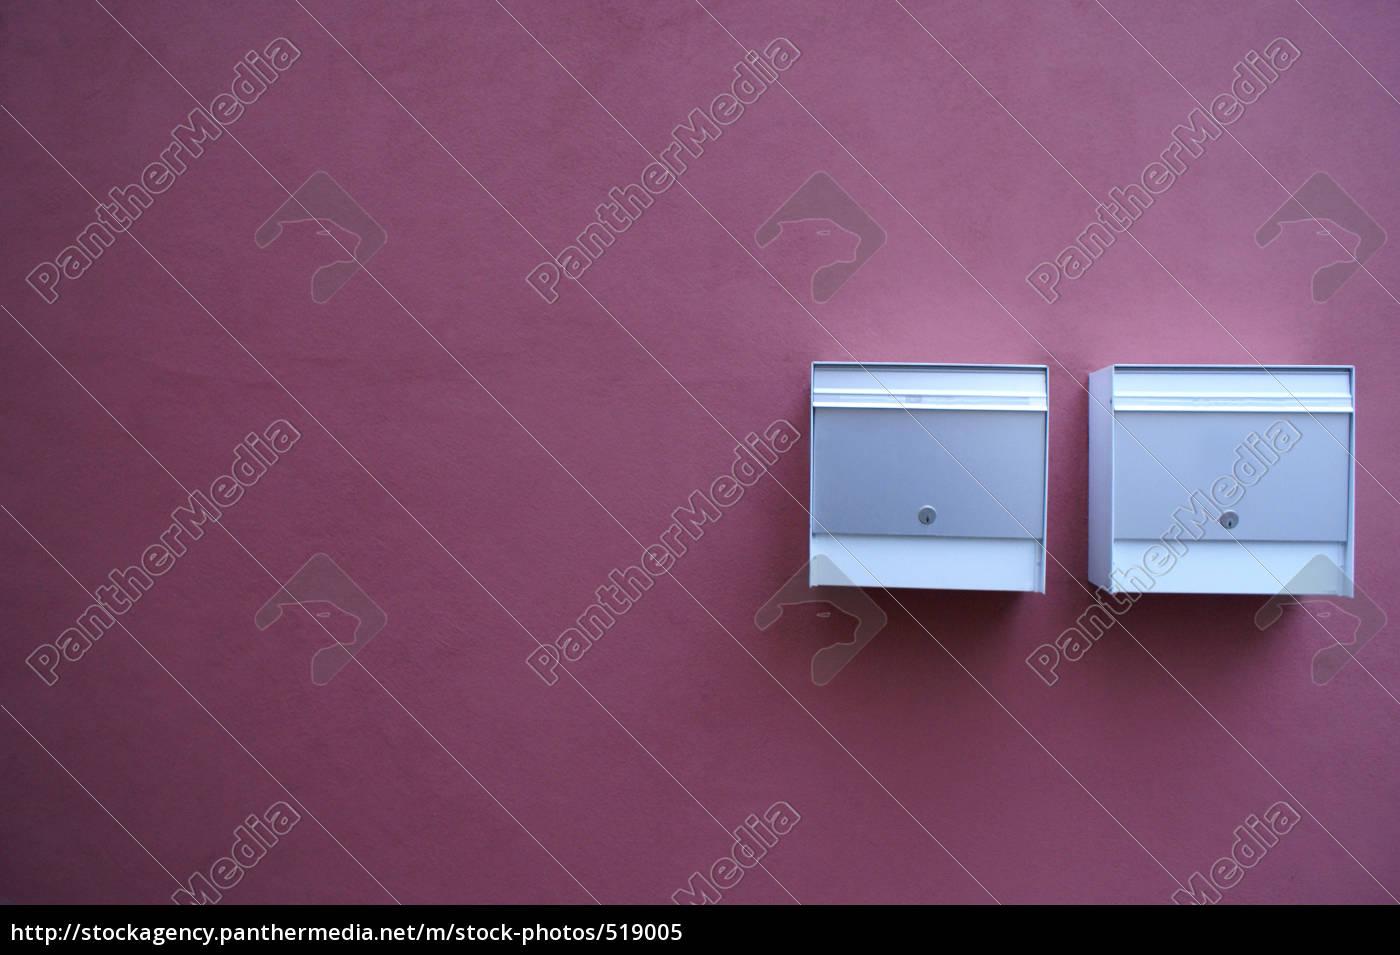 mailbox - 519005